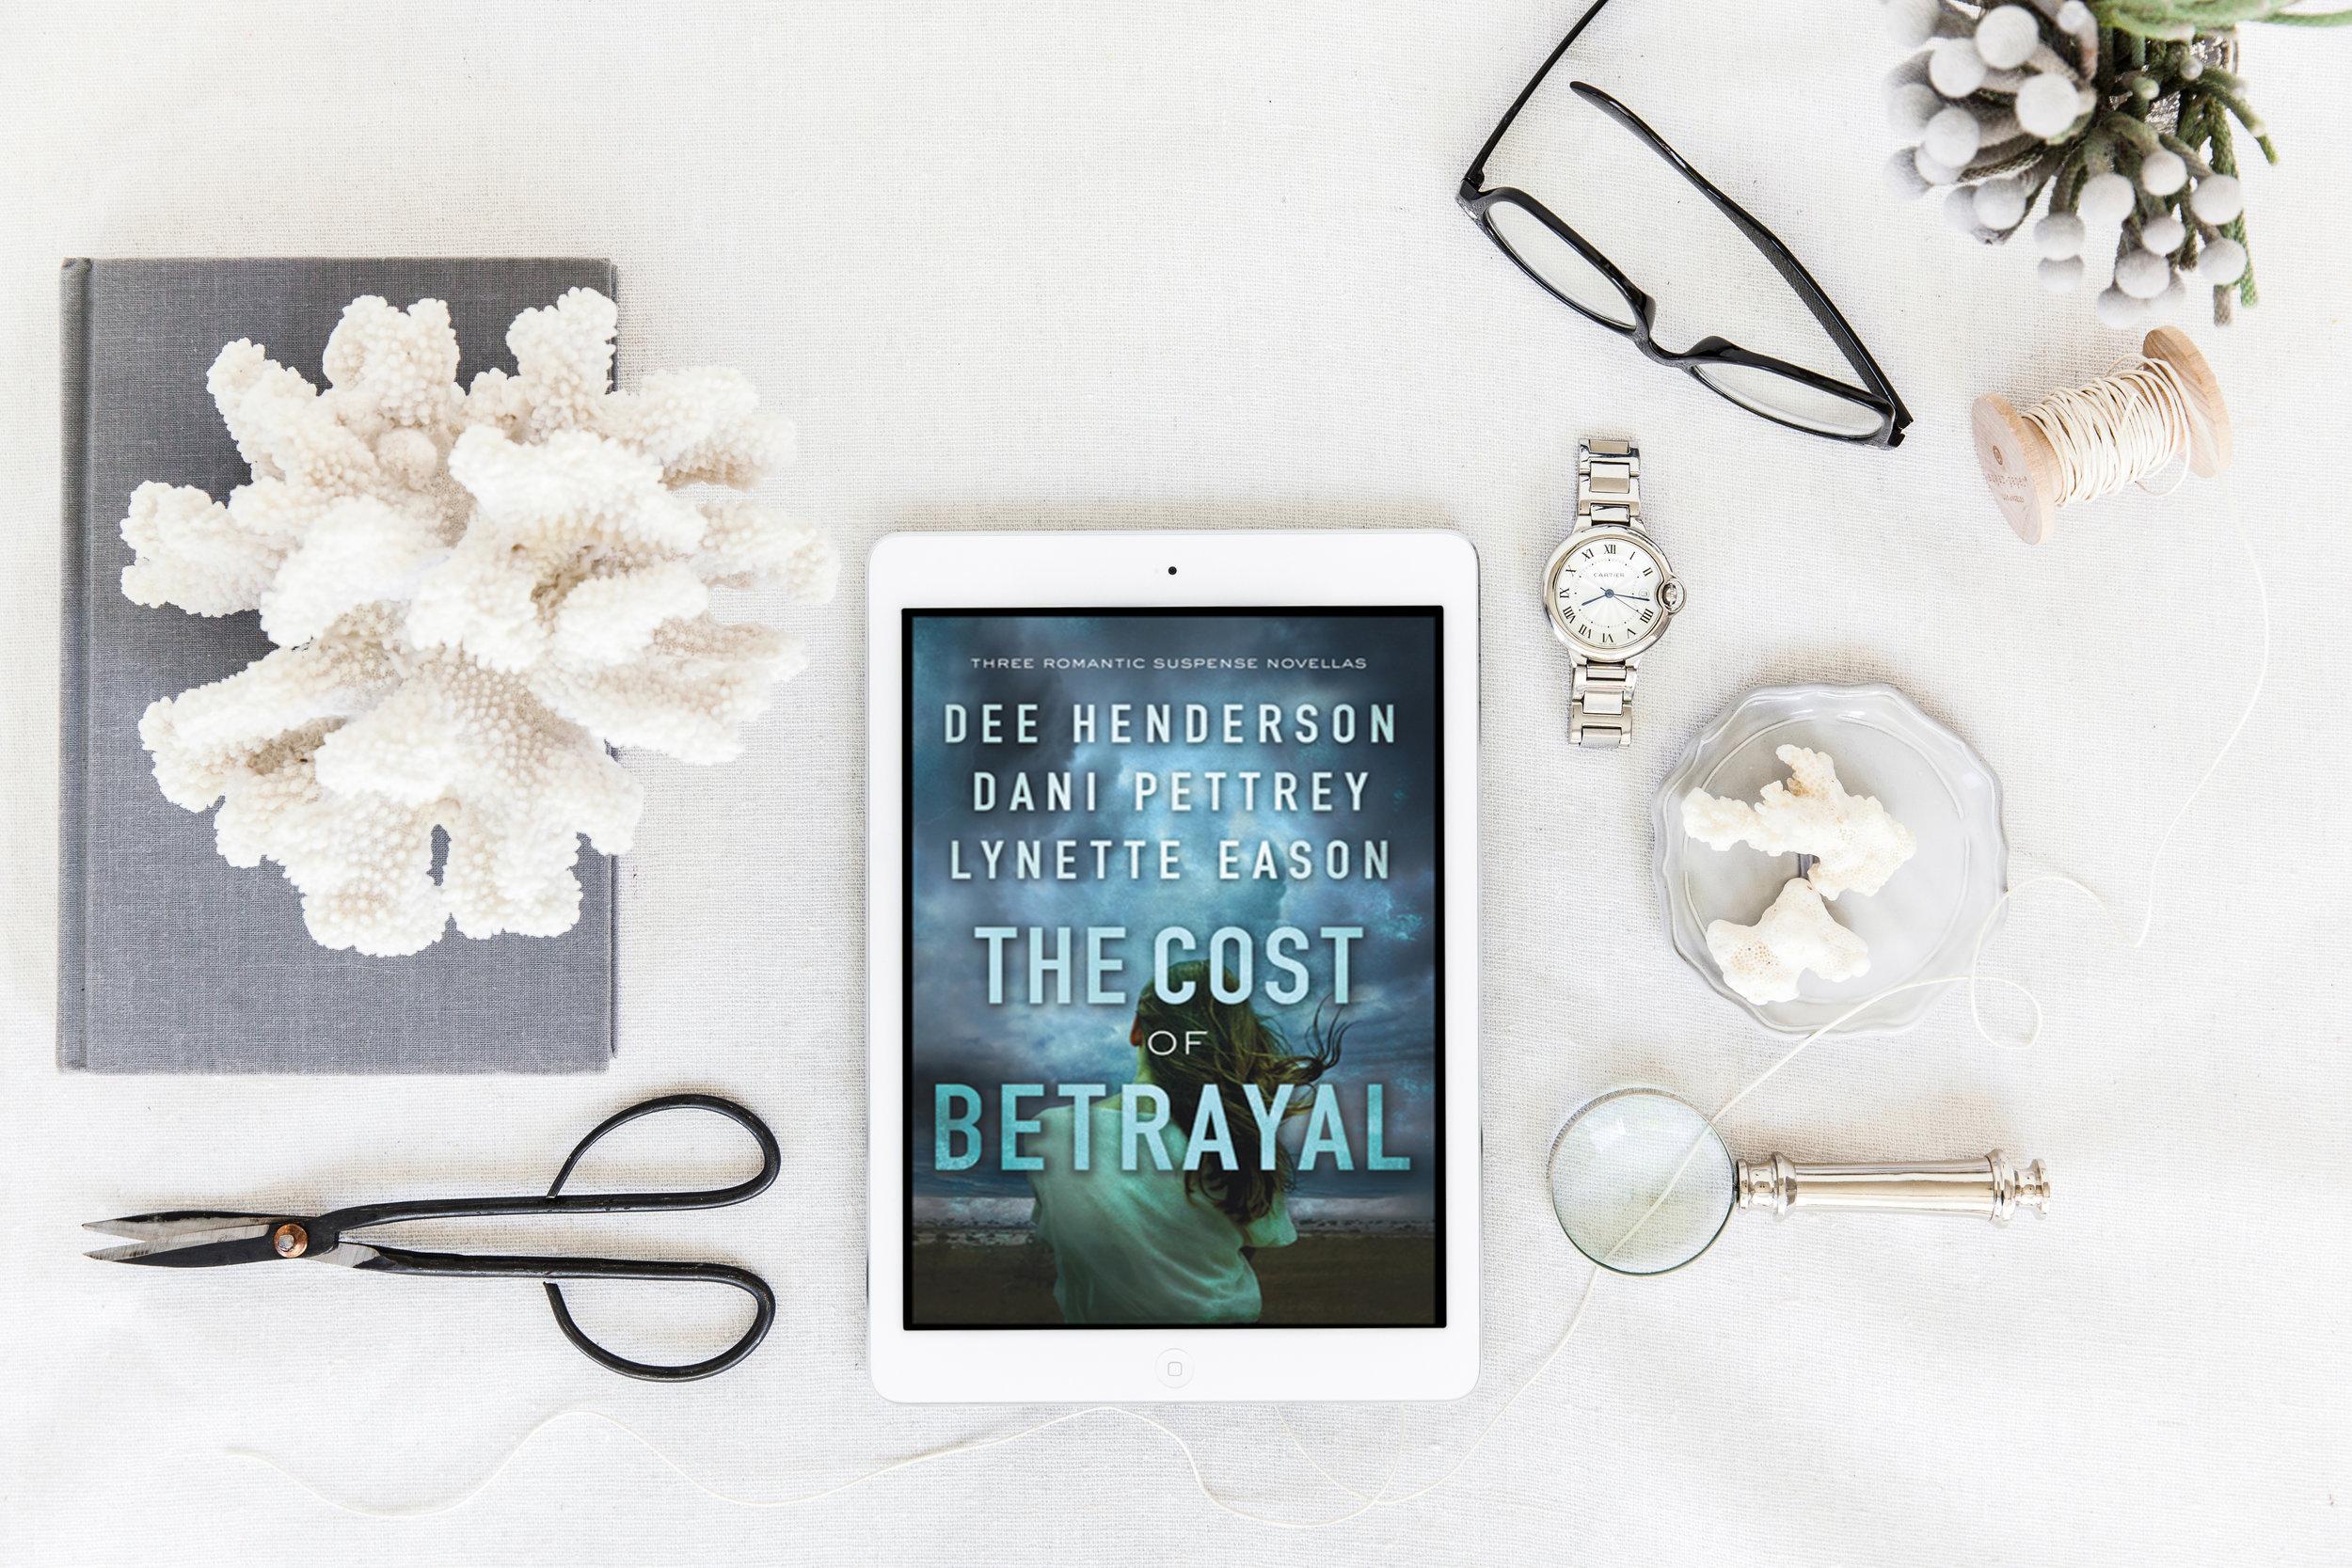 the cost of betrayal blog feature dani pettrey dee henderson lynette eason